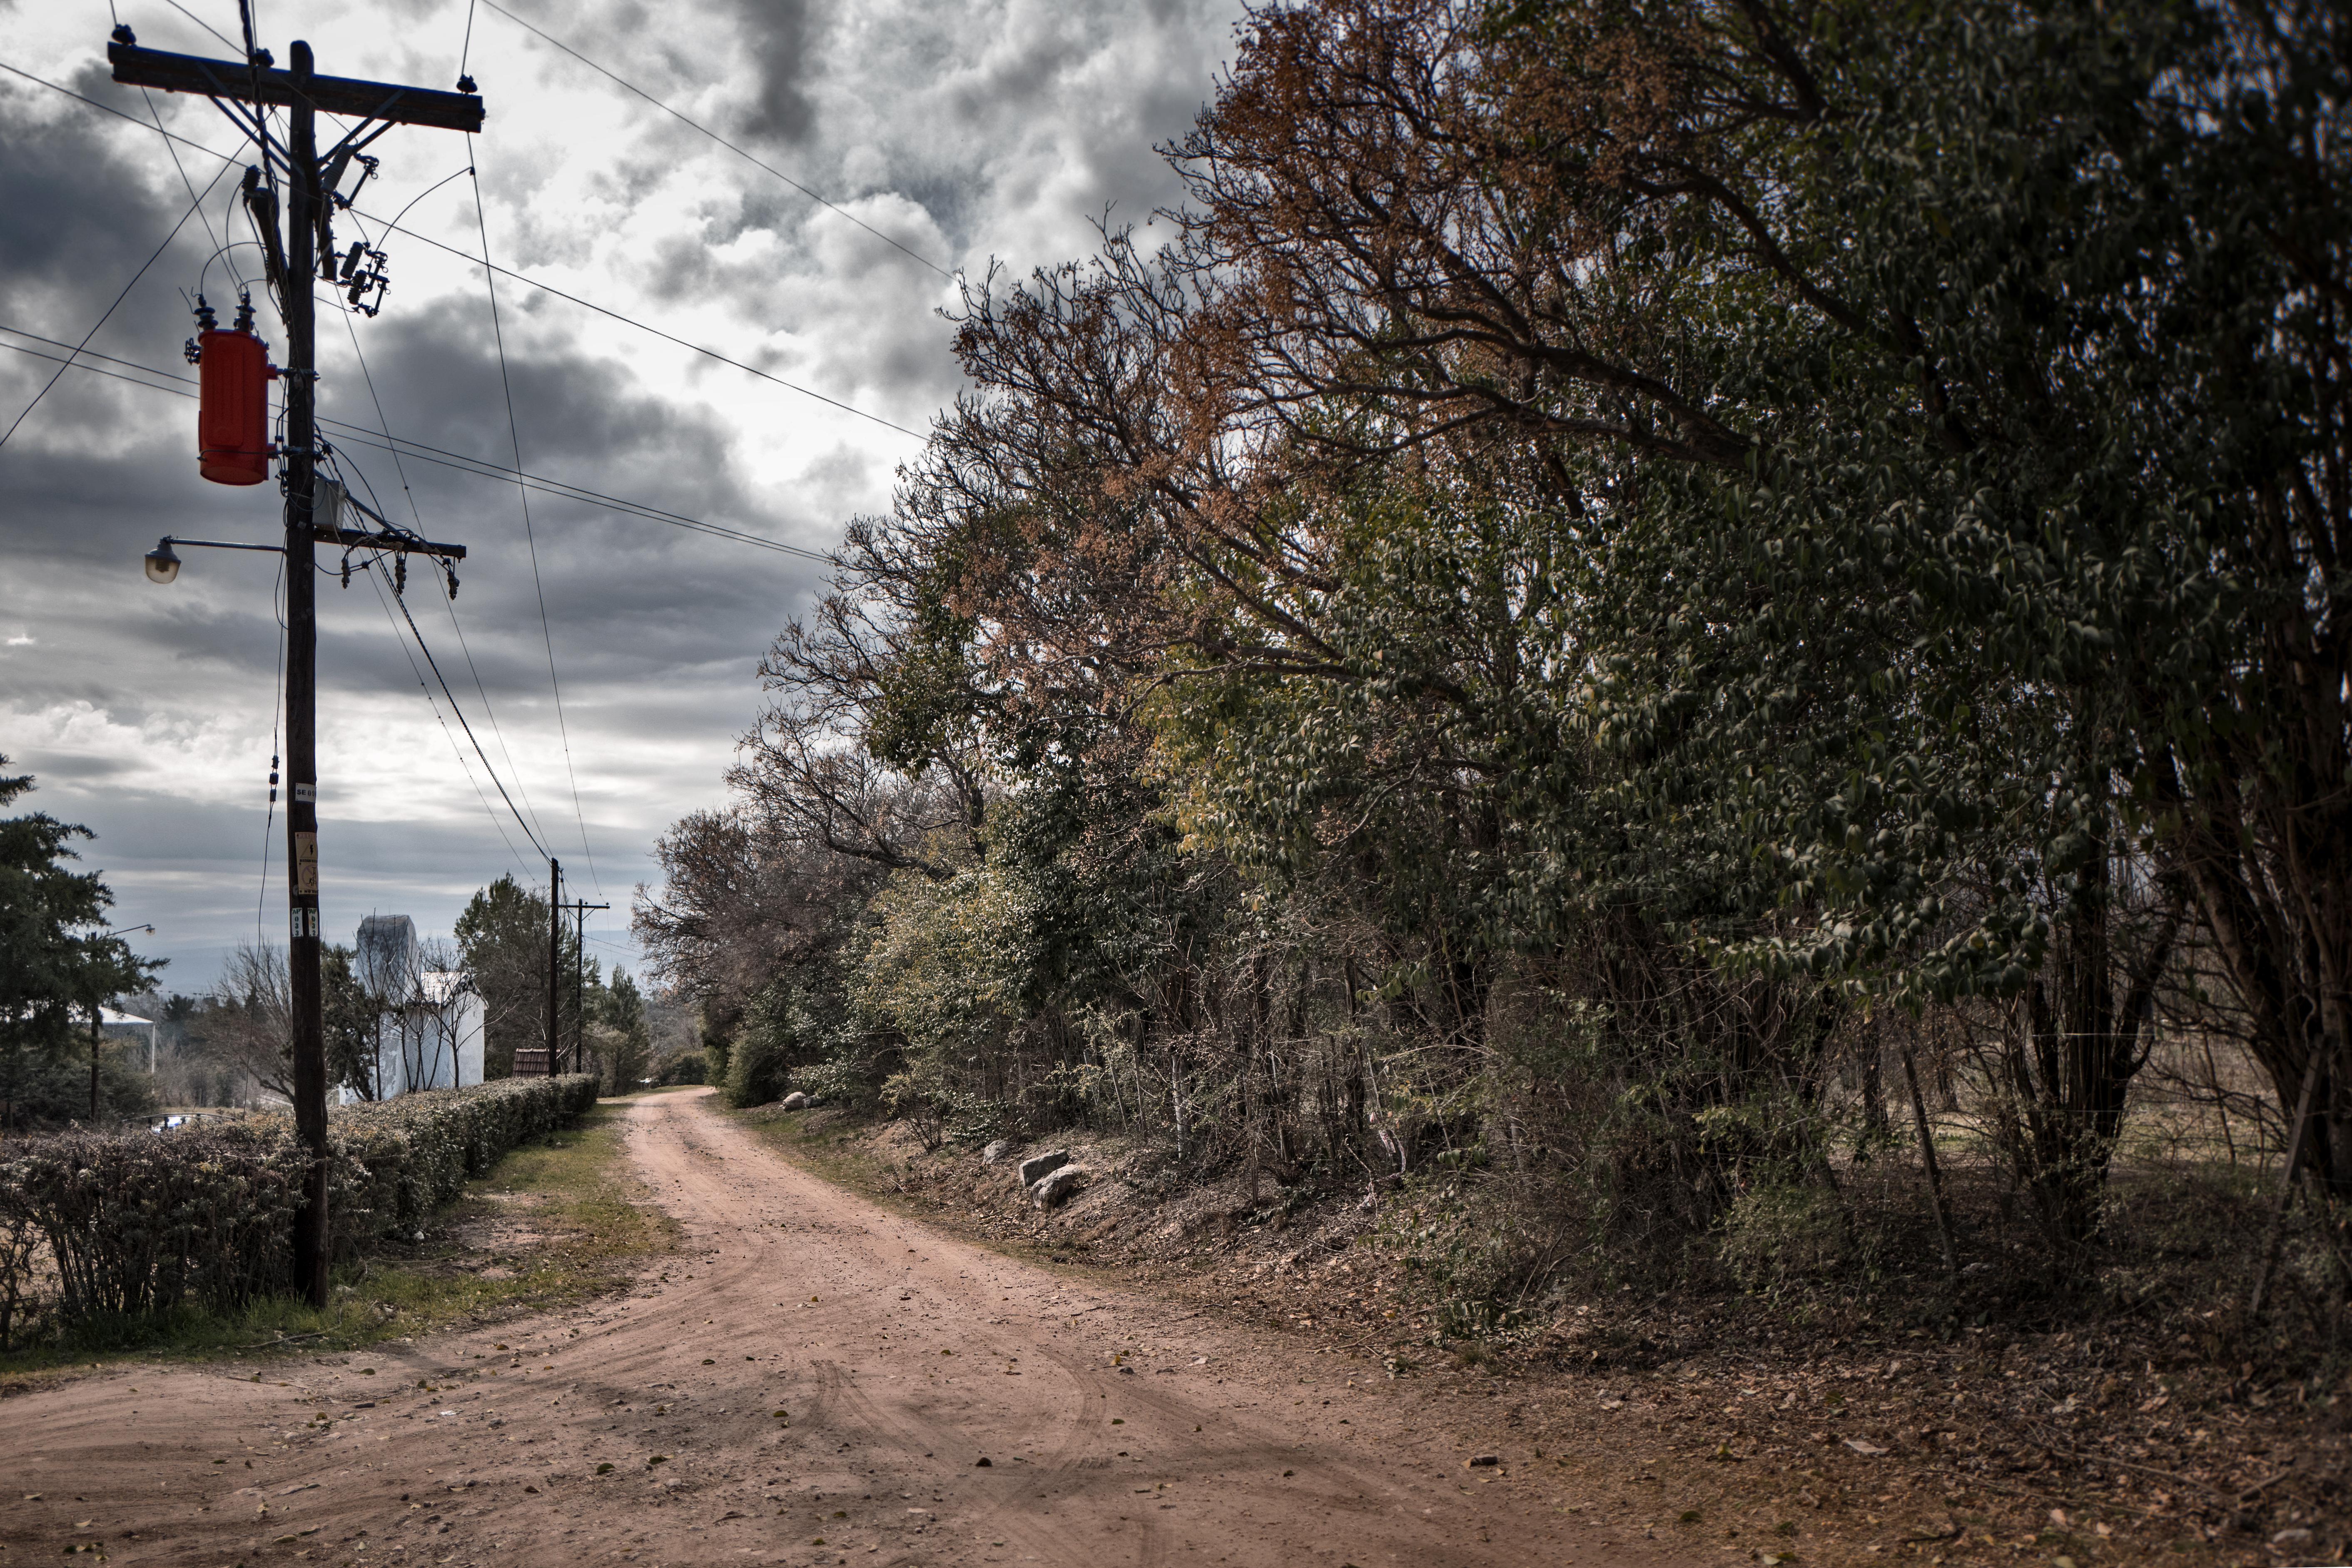 Camino interno de Las Rabonas. Las Rabonas, Valle de Traslasierra, Córdoba, Argentina. Agosto 2017